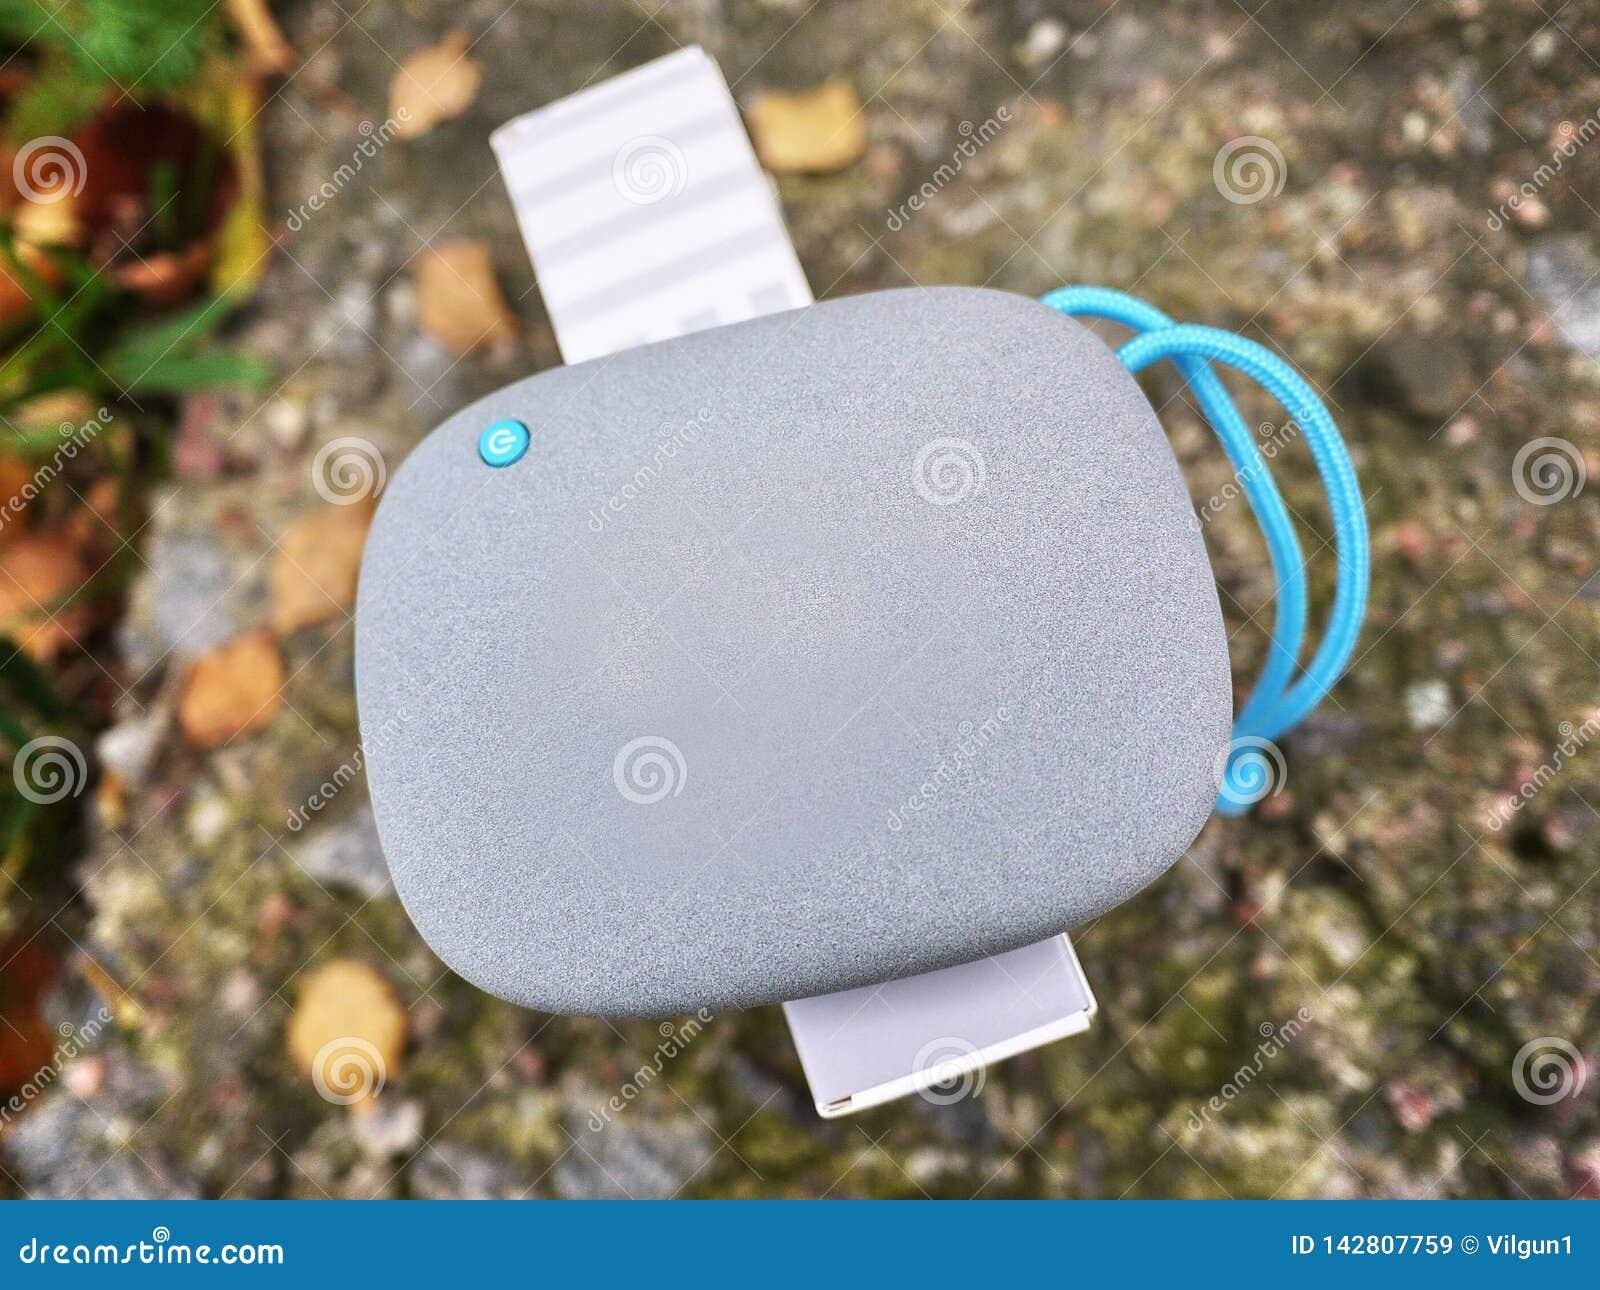 Bärbar Bluetooth högtalare för att lyssna till musik Använd för att lyssna till musik från batteriet